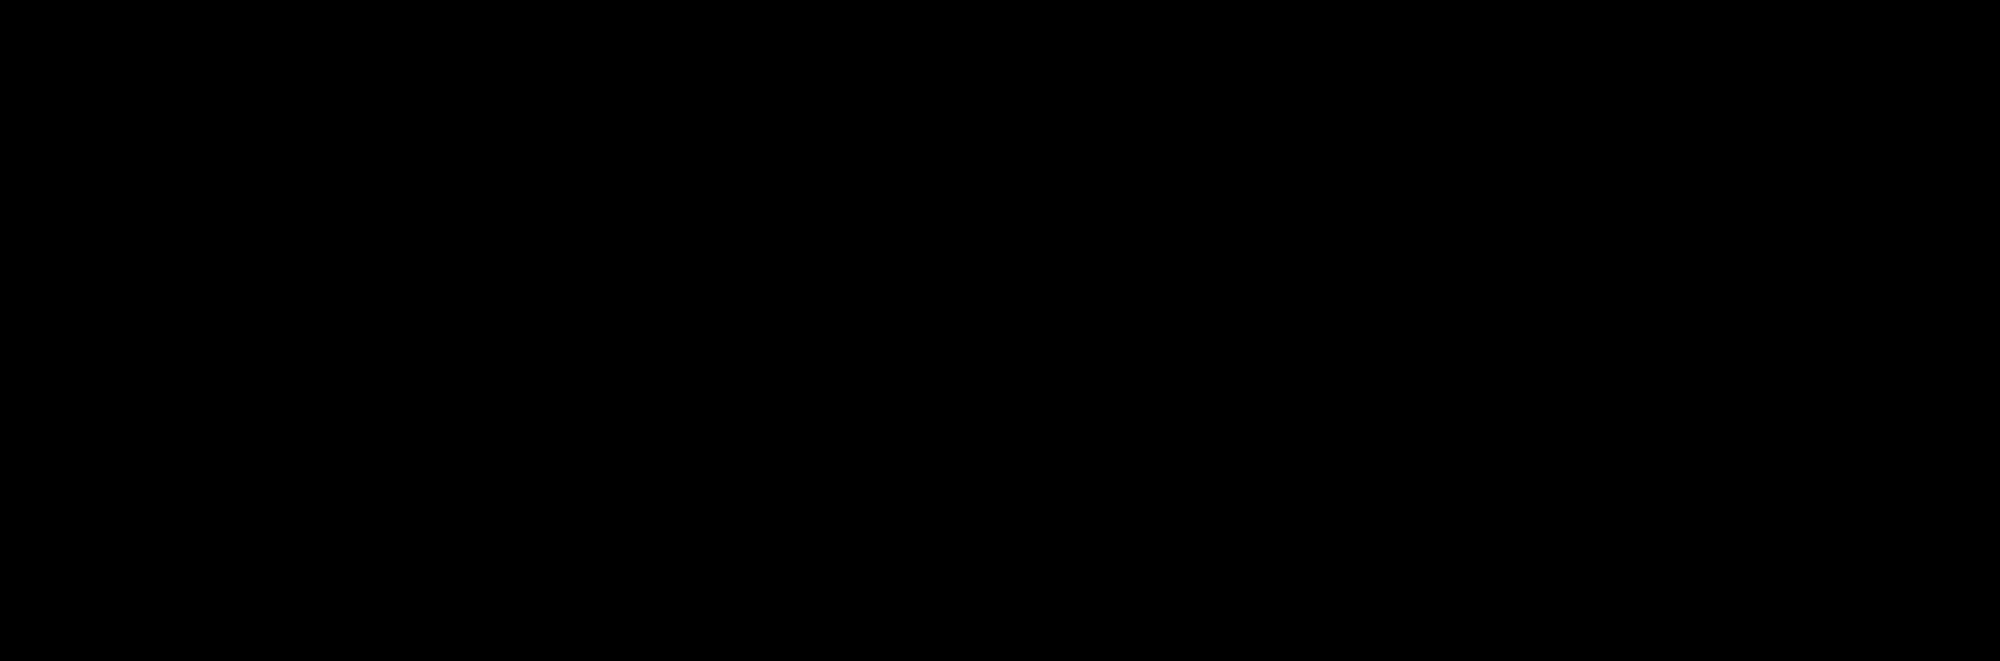 Maker Gents-logo-black.png